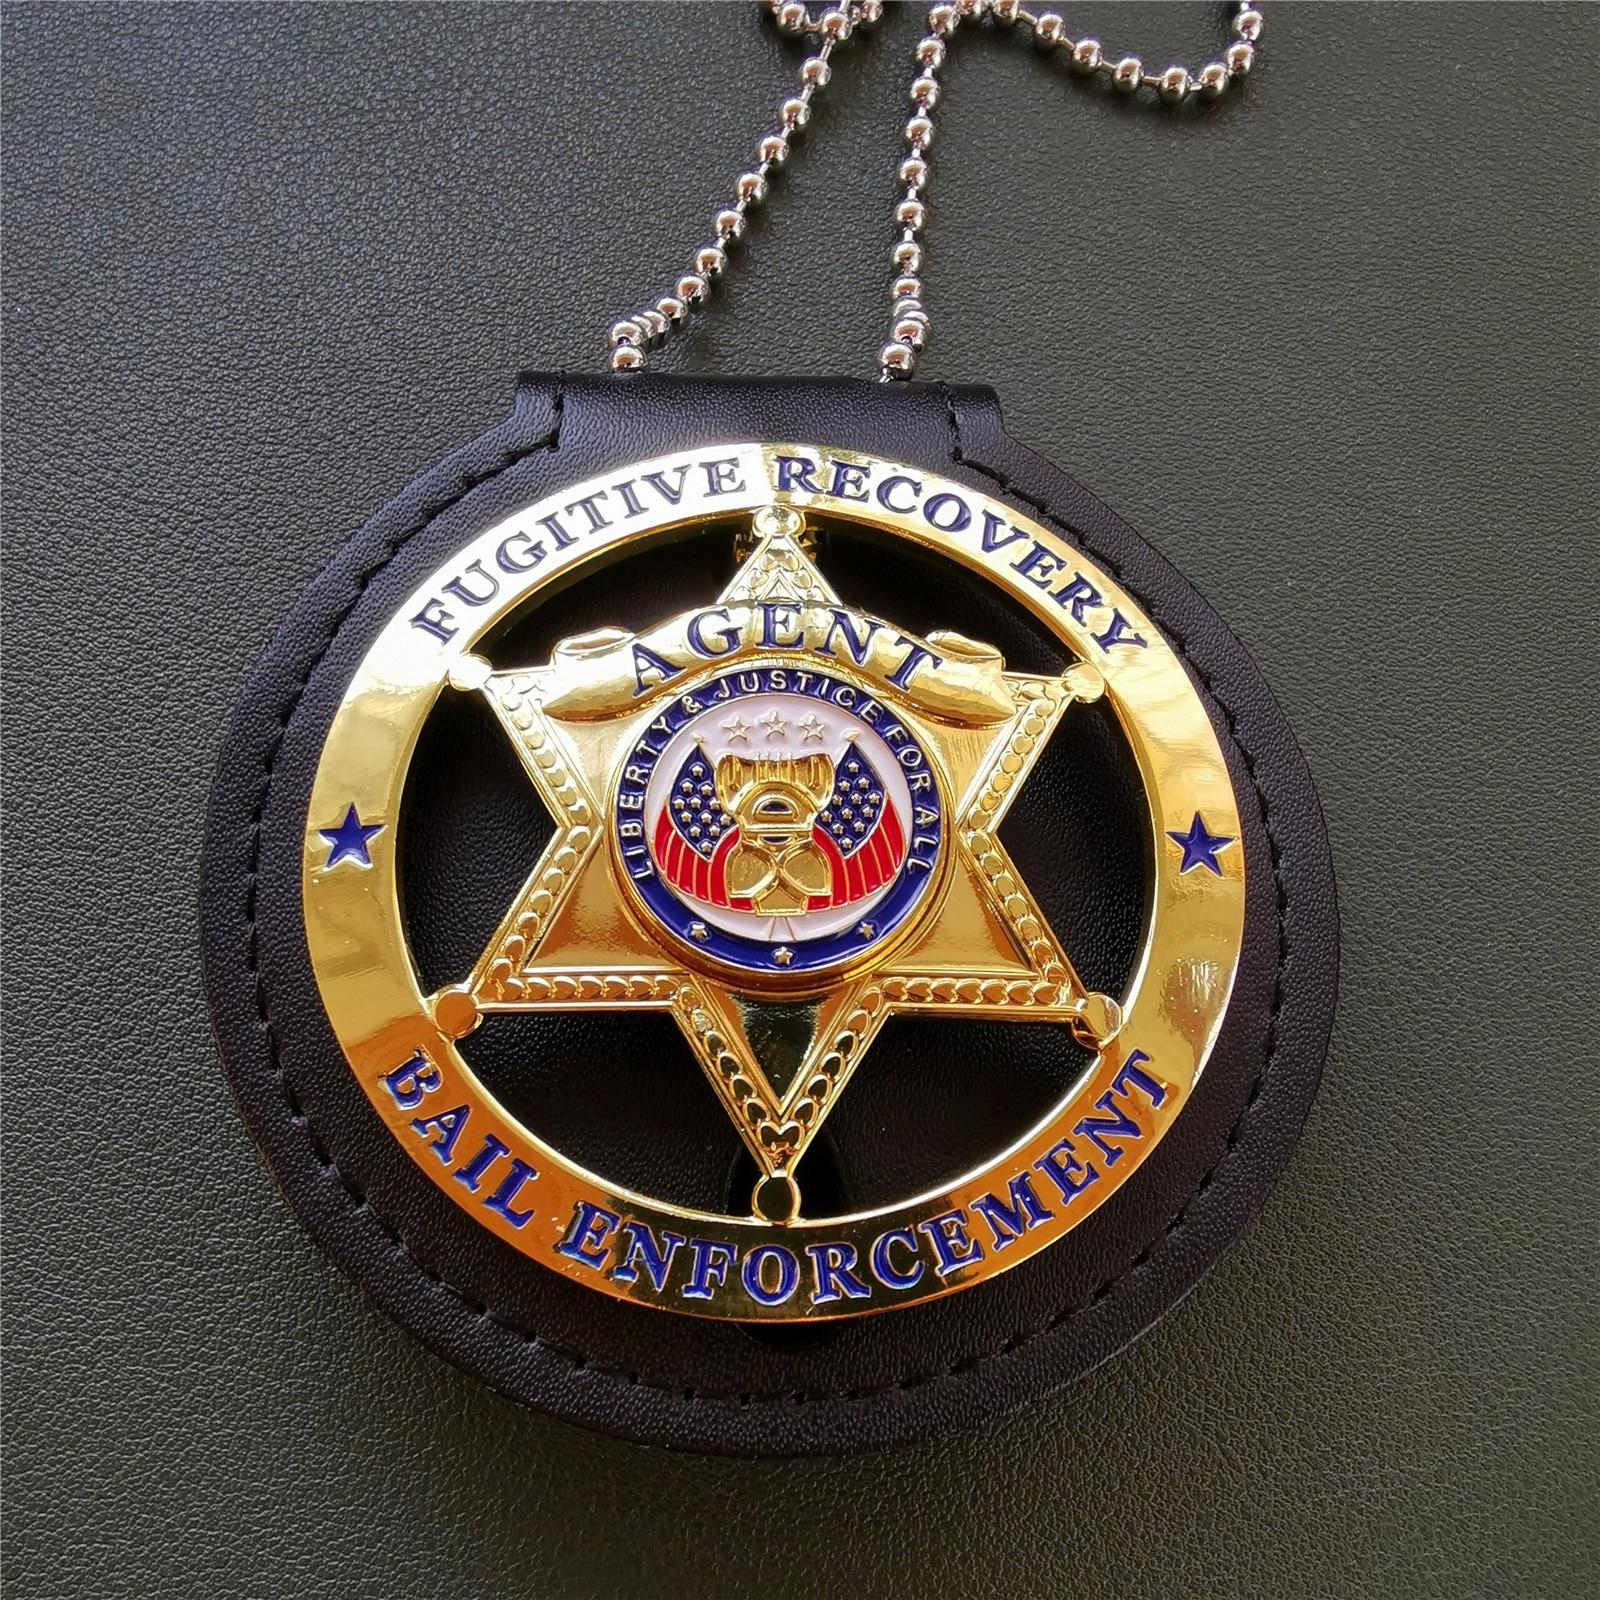 distintivo-1-1-di-applicazione-di-legge-della-cauzione-di-recupero-di-crimine-americano